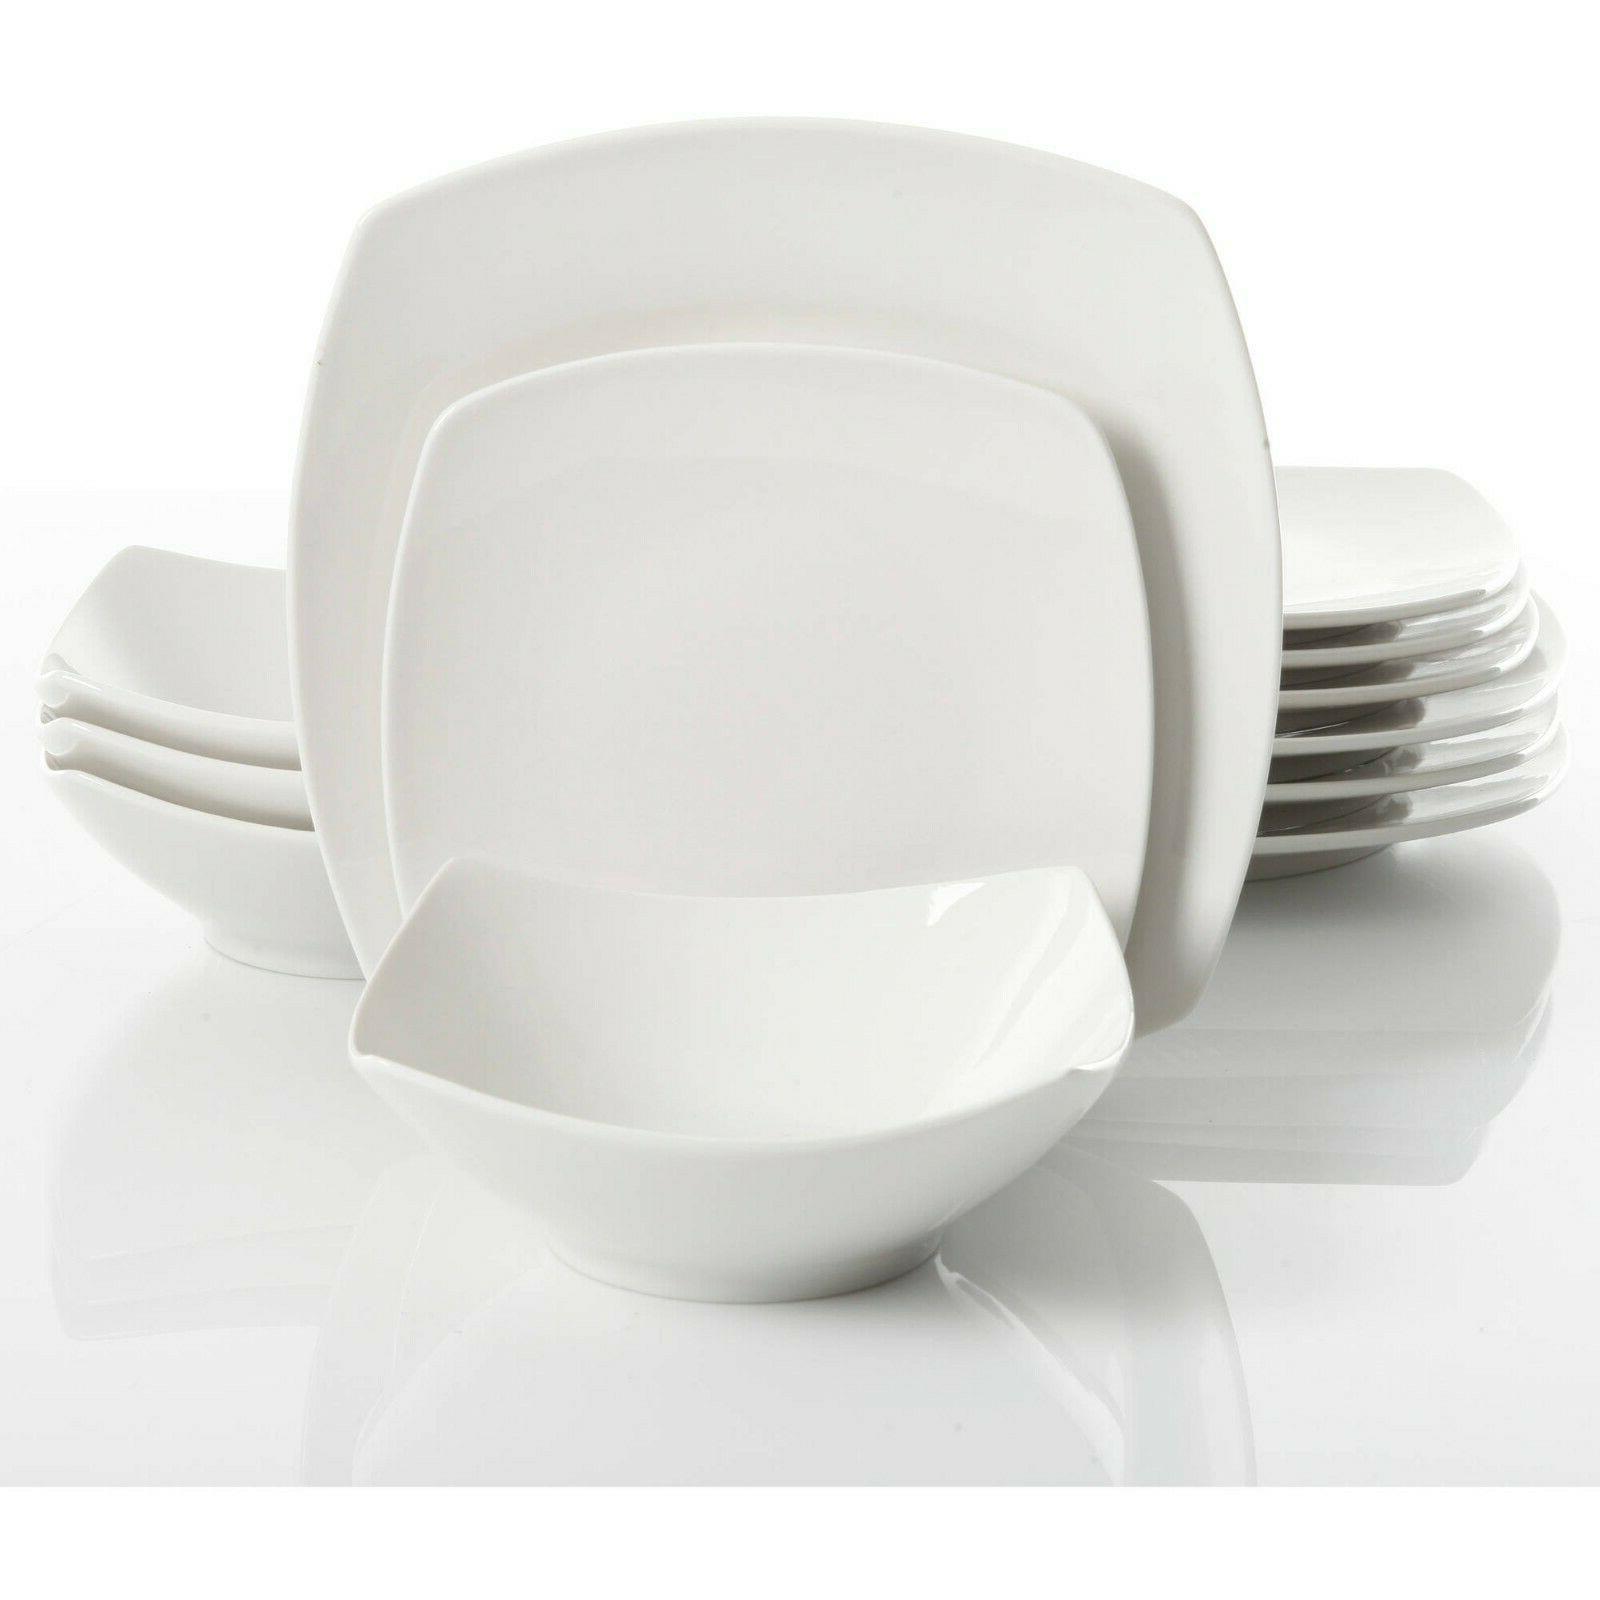 12-Piece Dinner Dessert Ceramic White